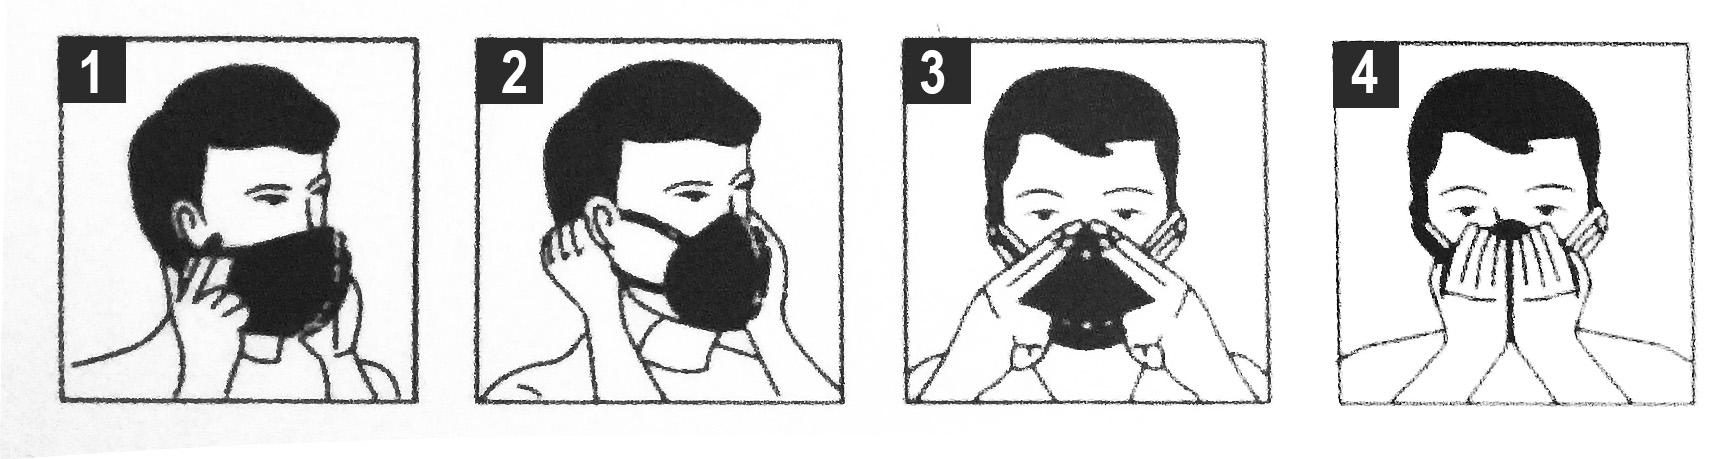 Akruks doporučuje nasadzovať respirátor takto